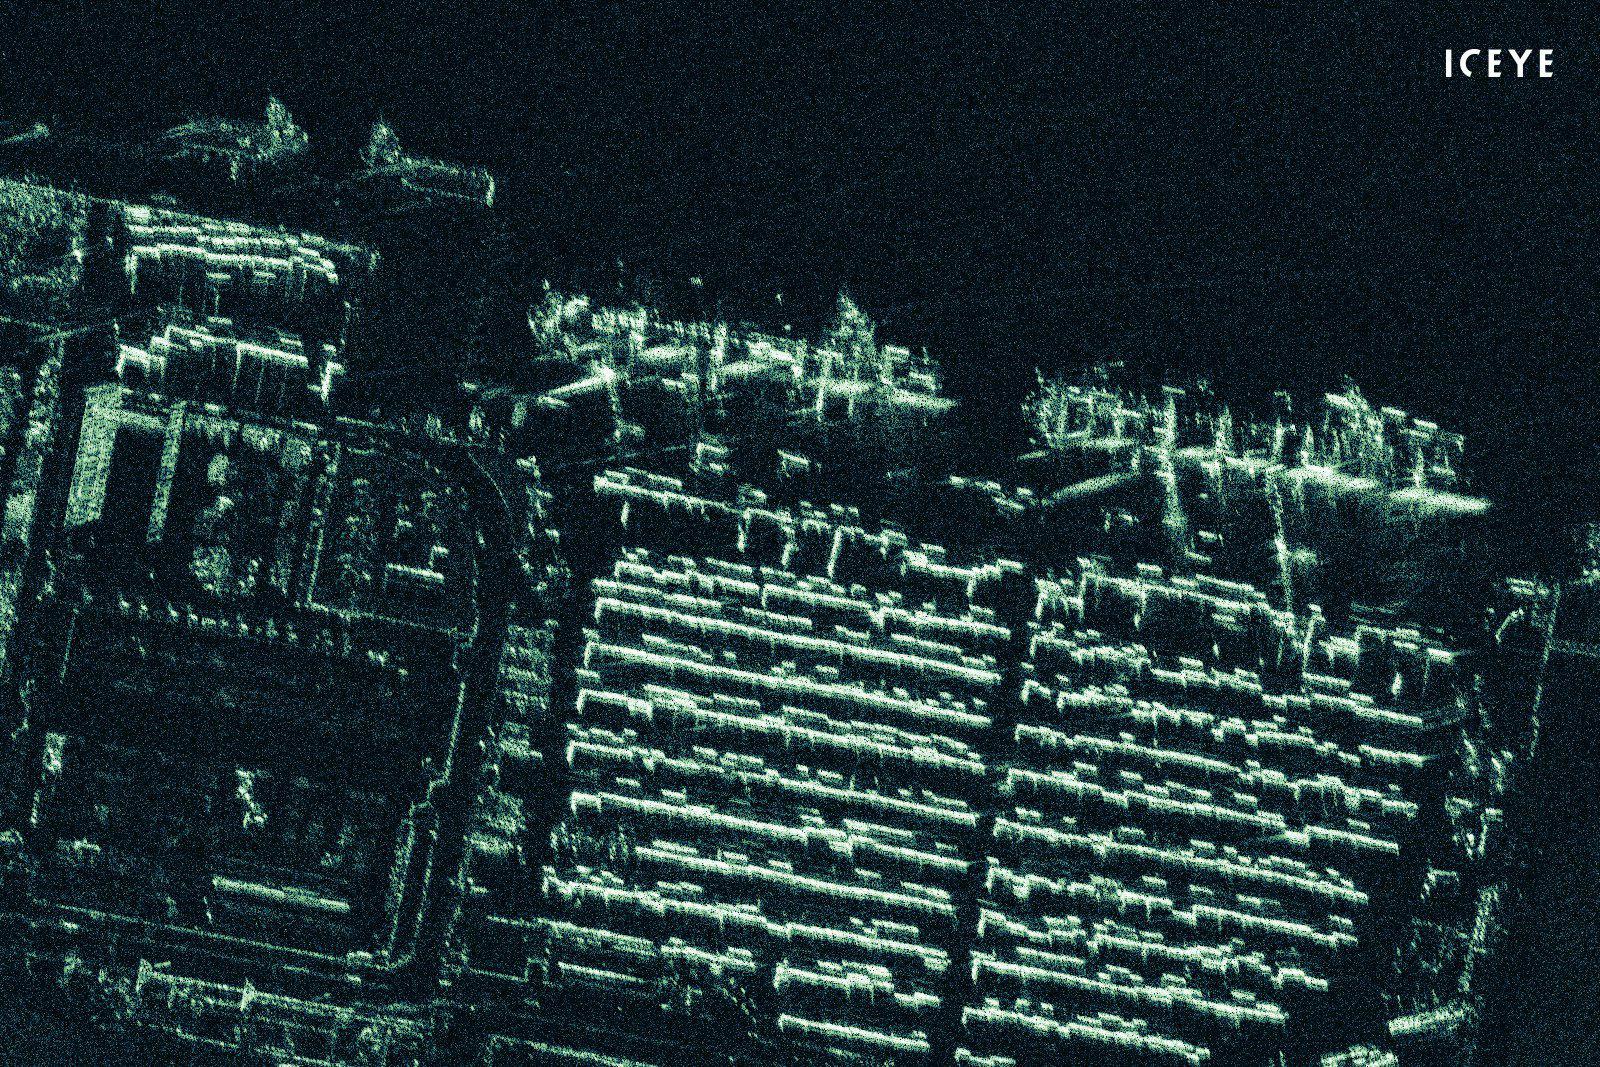 ICEYE показала радарные изображения земной поверхности с разрешением менее 1 м